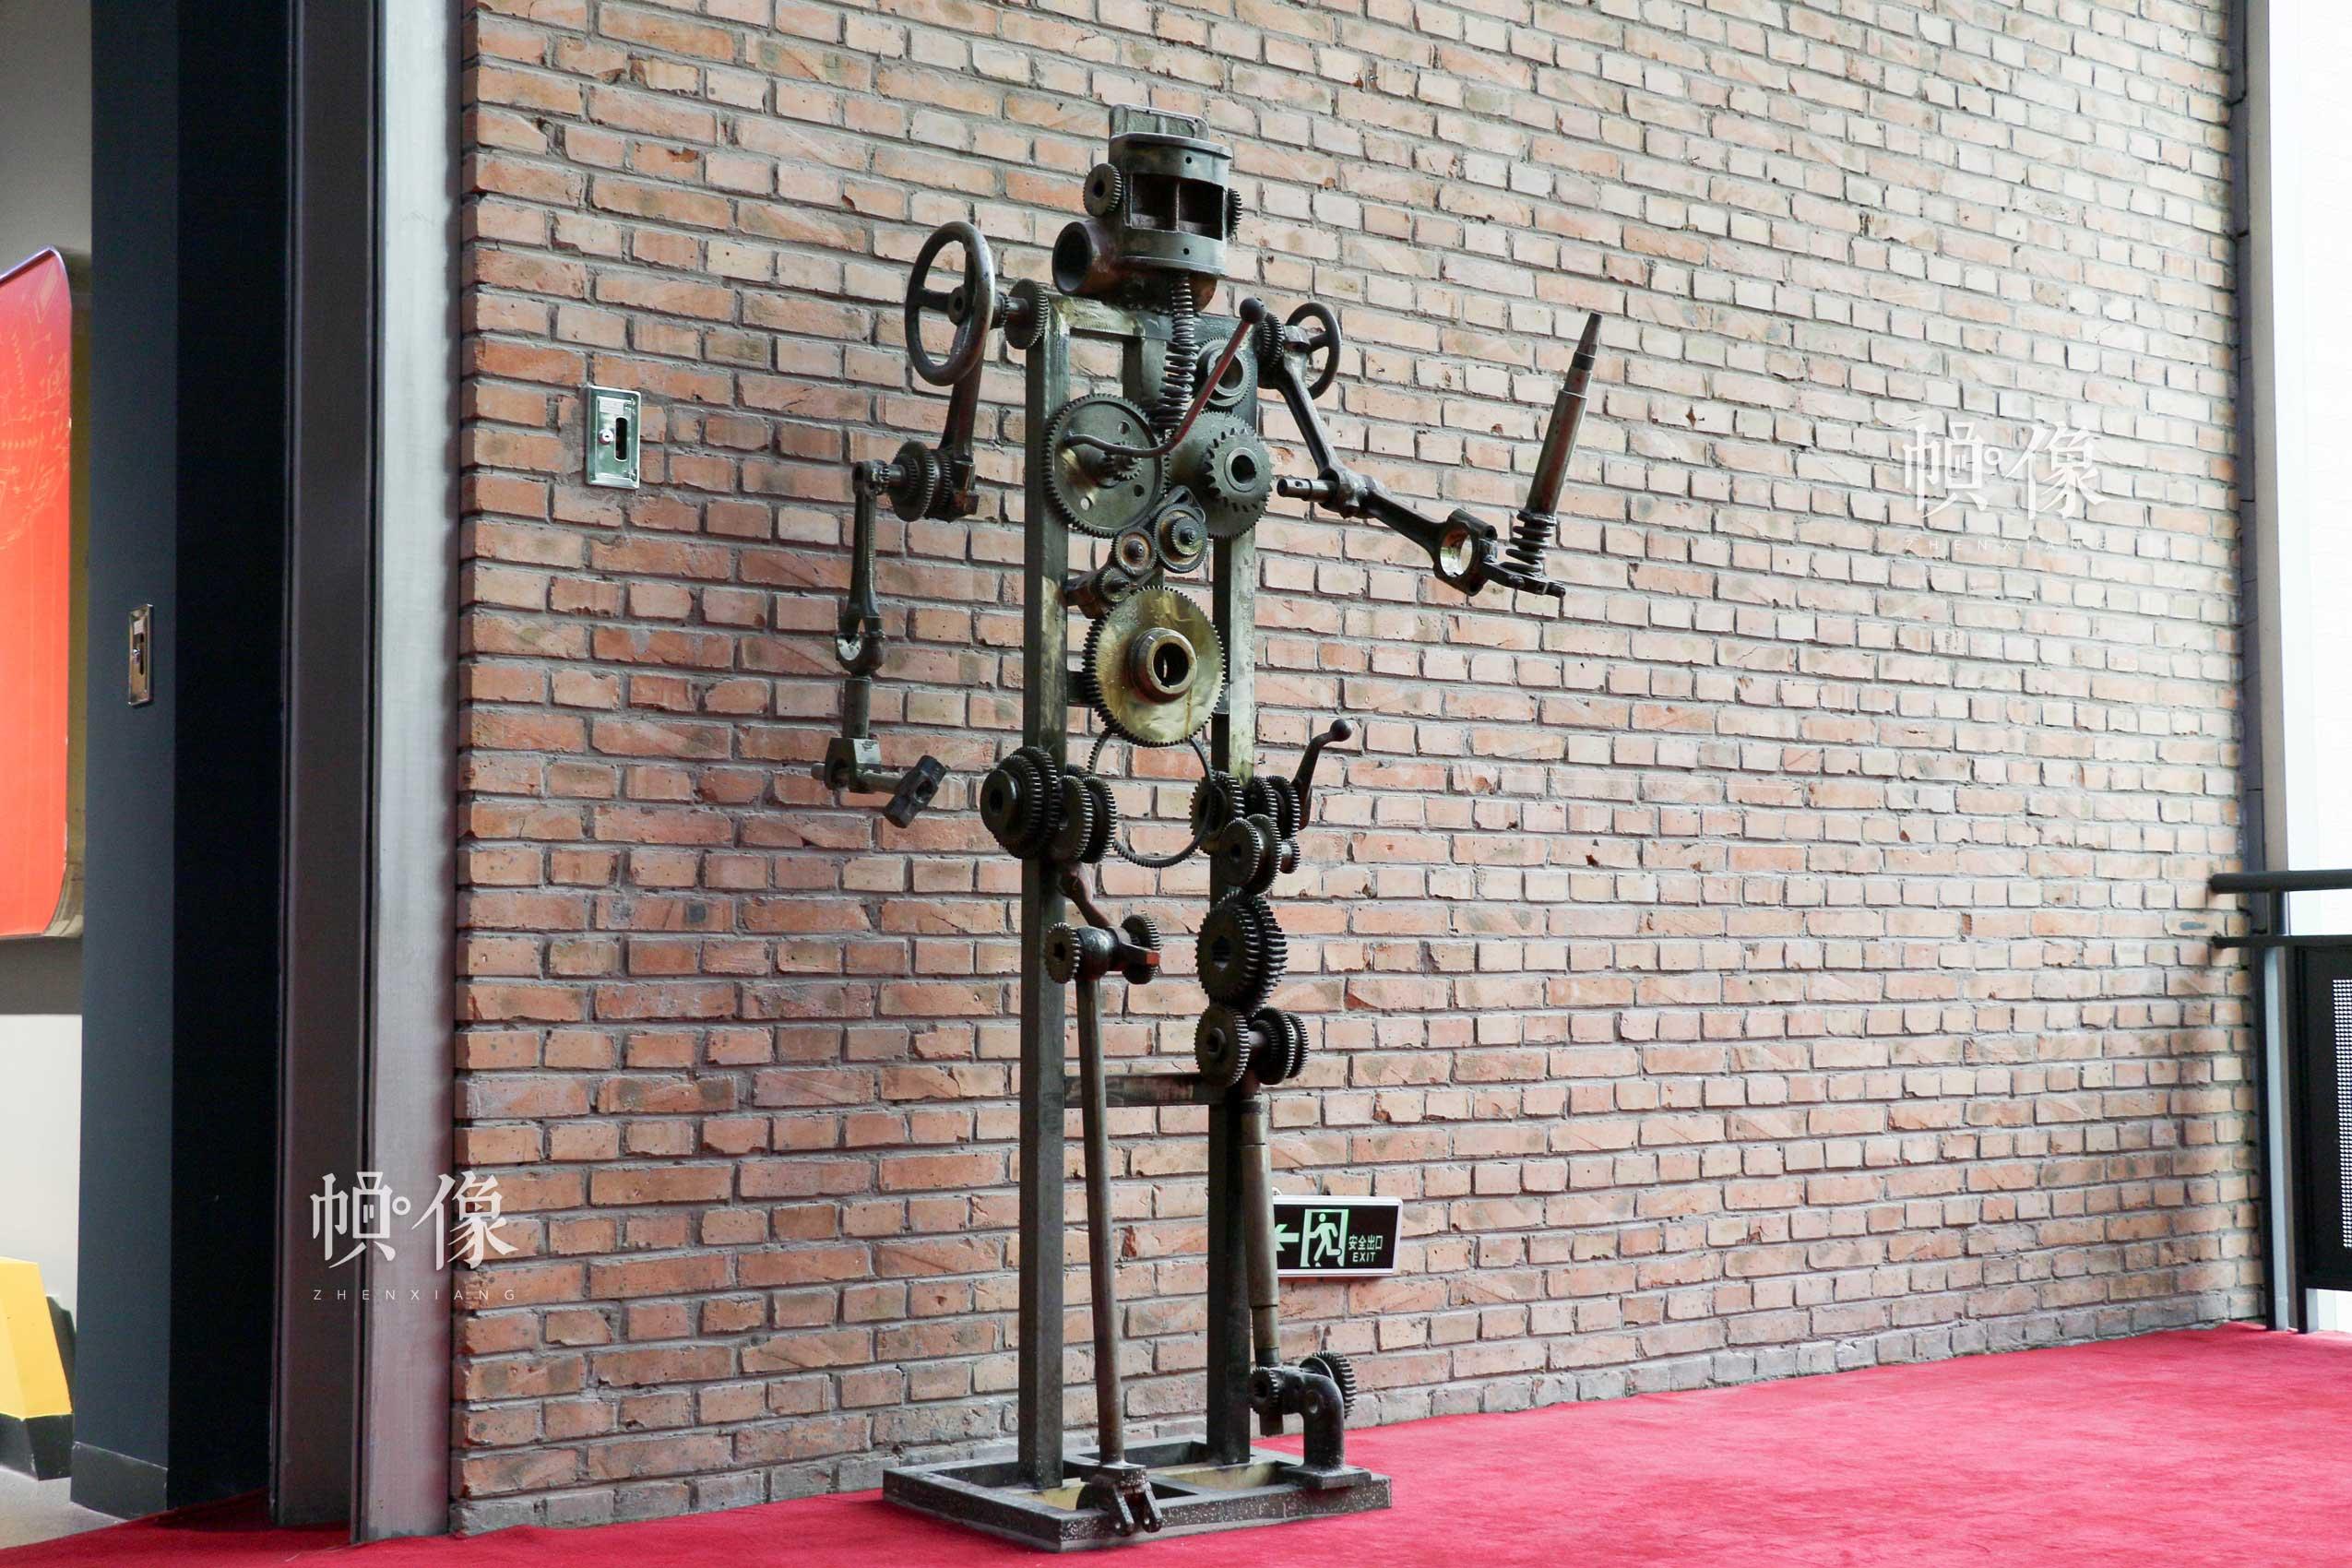 朝阳规划艺术馆主展区一角,由厂房遗留废旧螺丝、齿轮等零部件组装而成机器人模型。中国网记者 赵超 摄